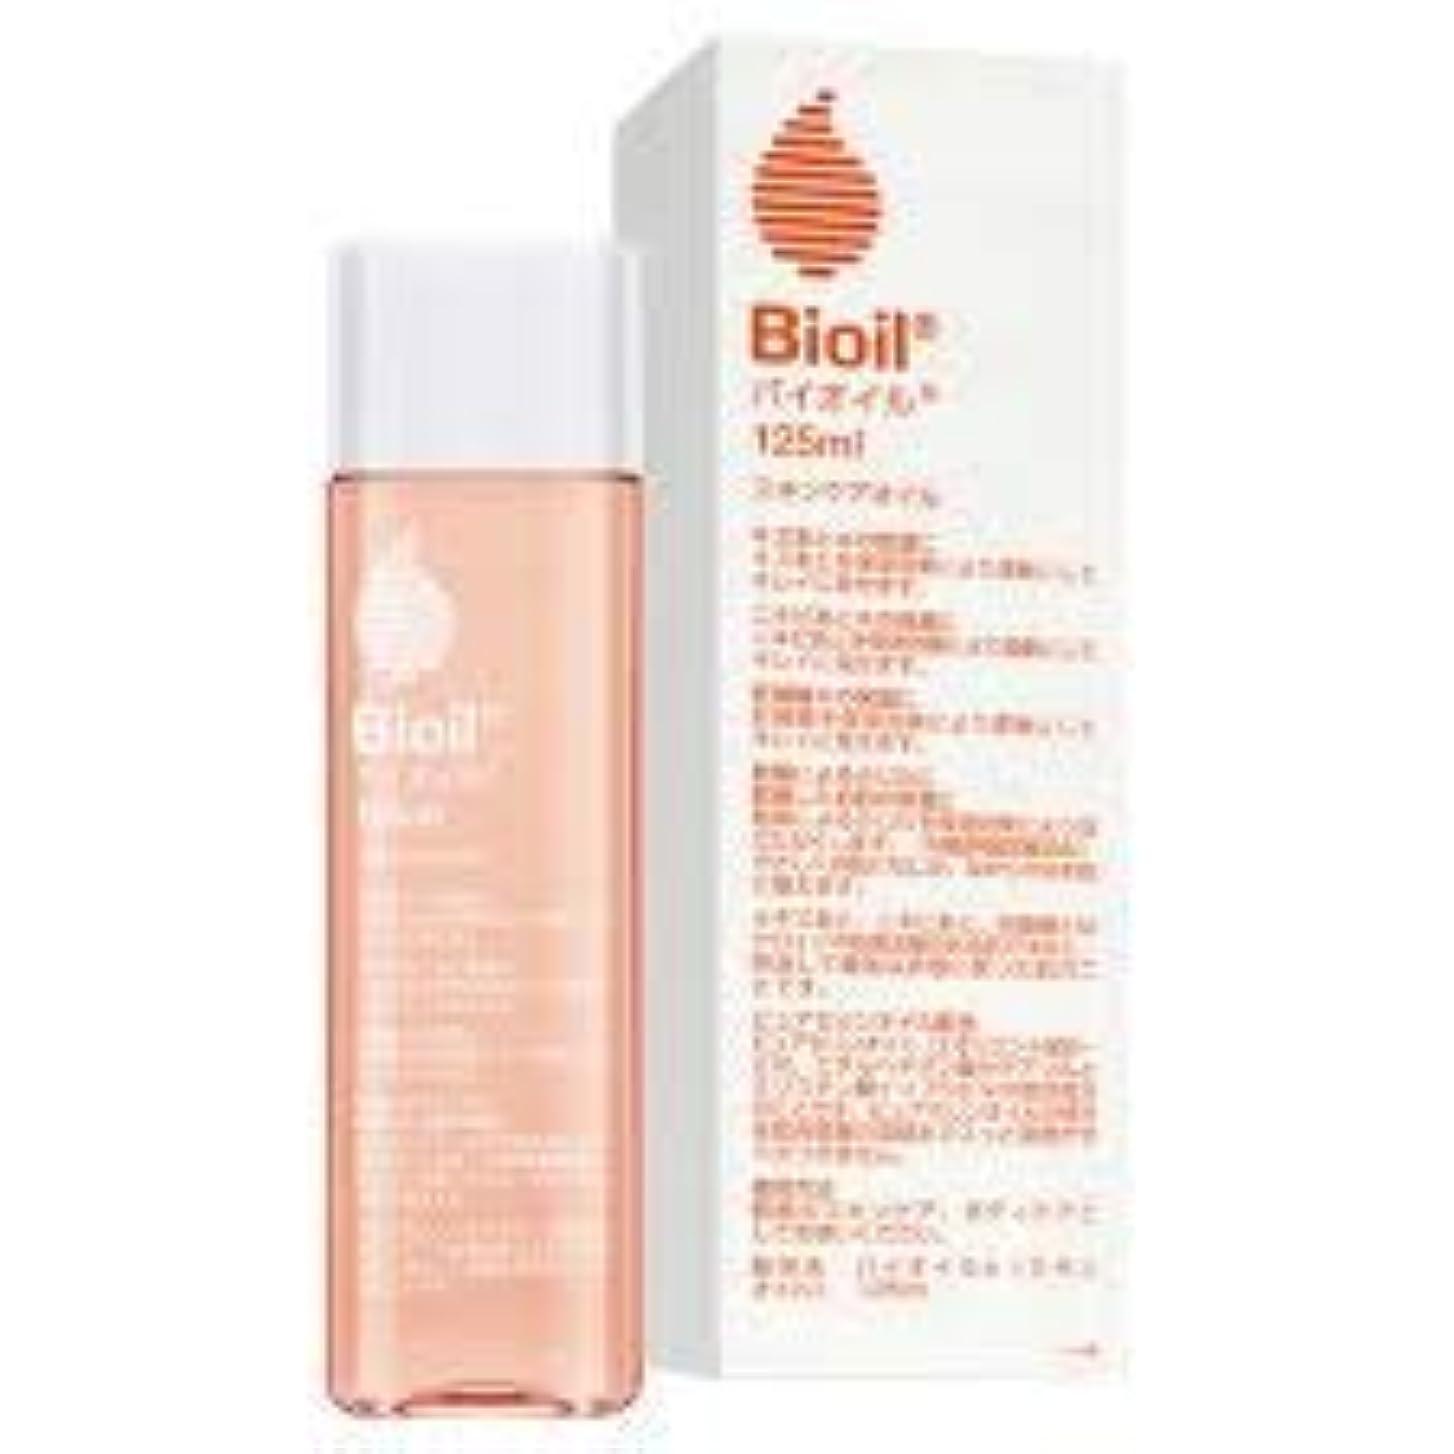 繁殖アノイカナダバイオイル Bioil 125ml (小林製薬)